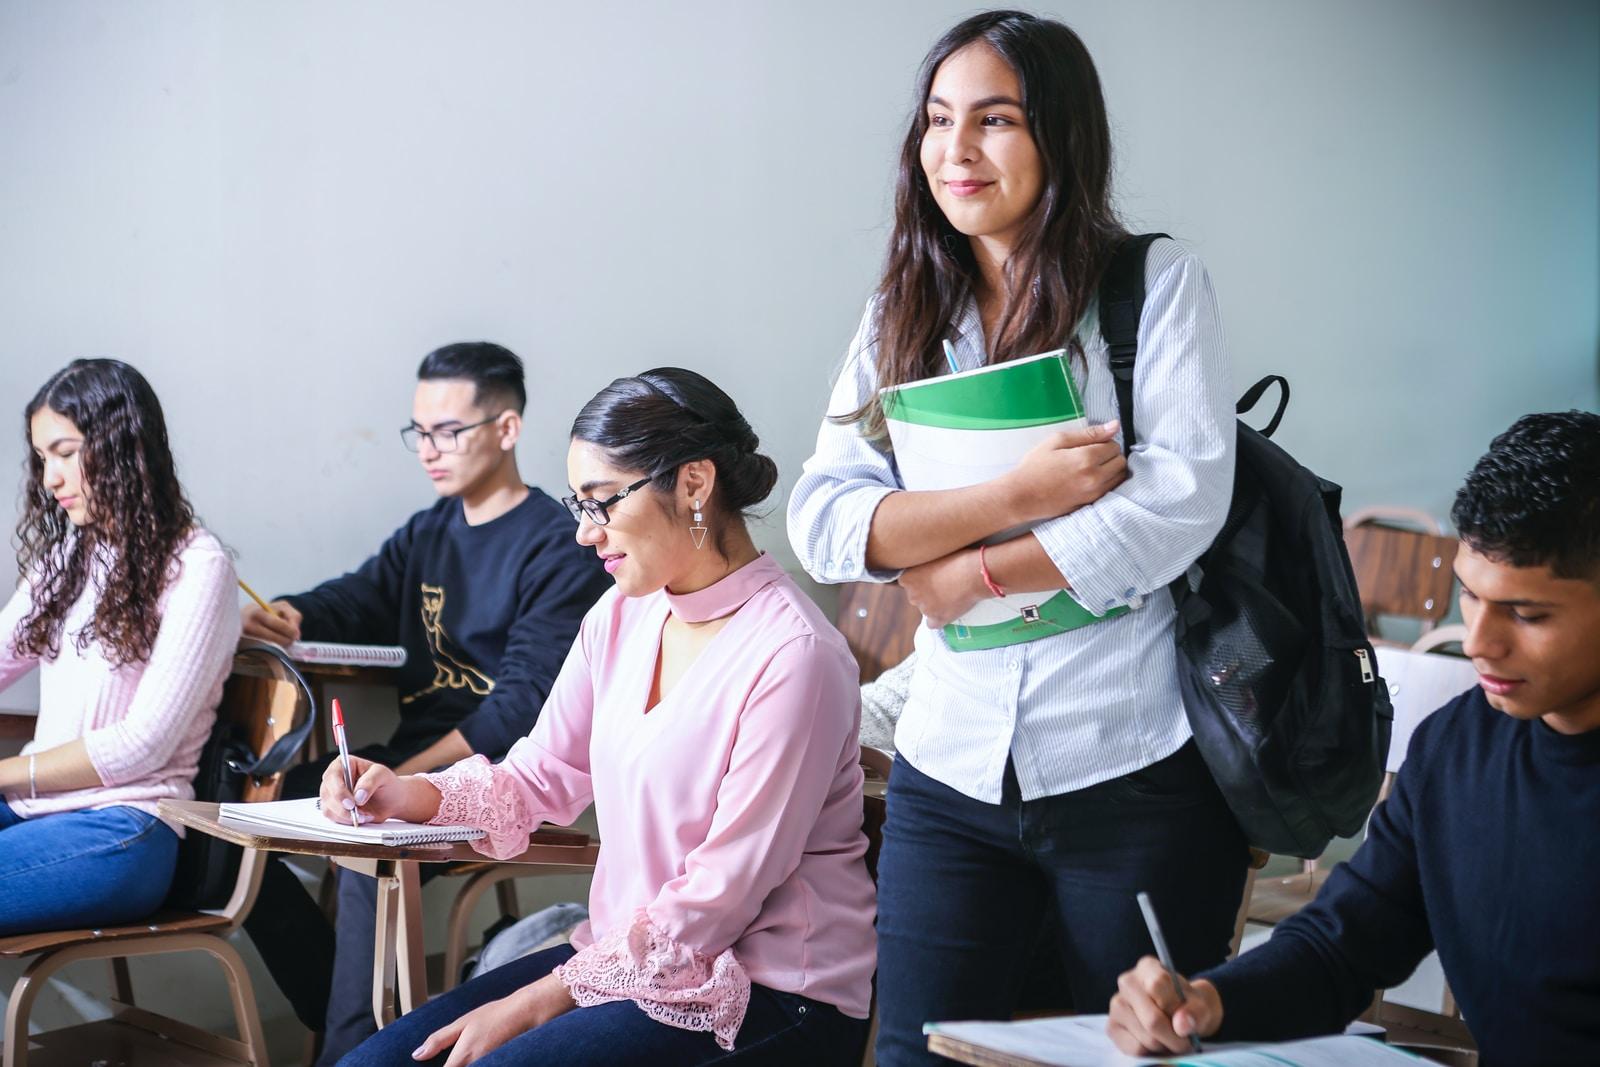 Dekle z zvezkom v roki v razredu, okoli še več študentov sedi za svojimi mizami.